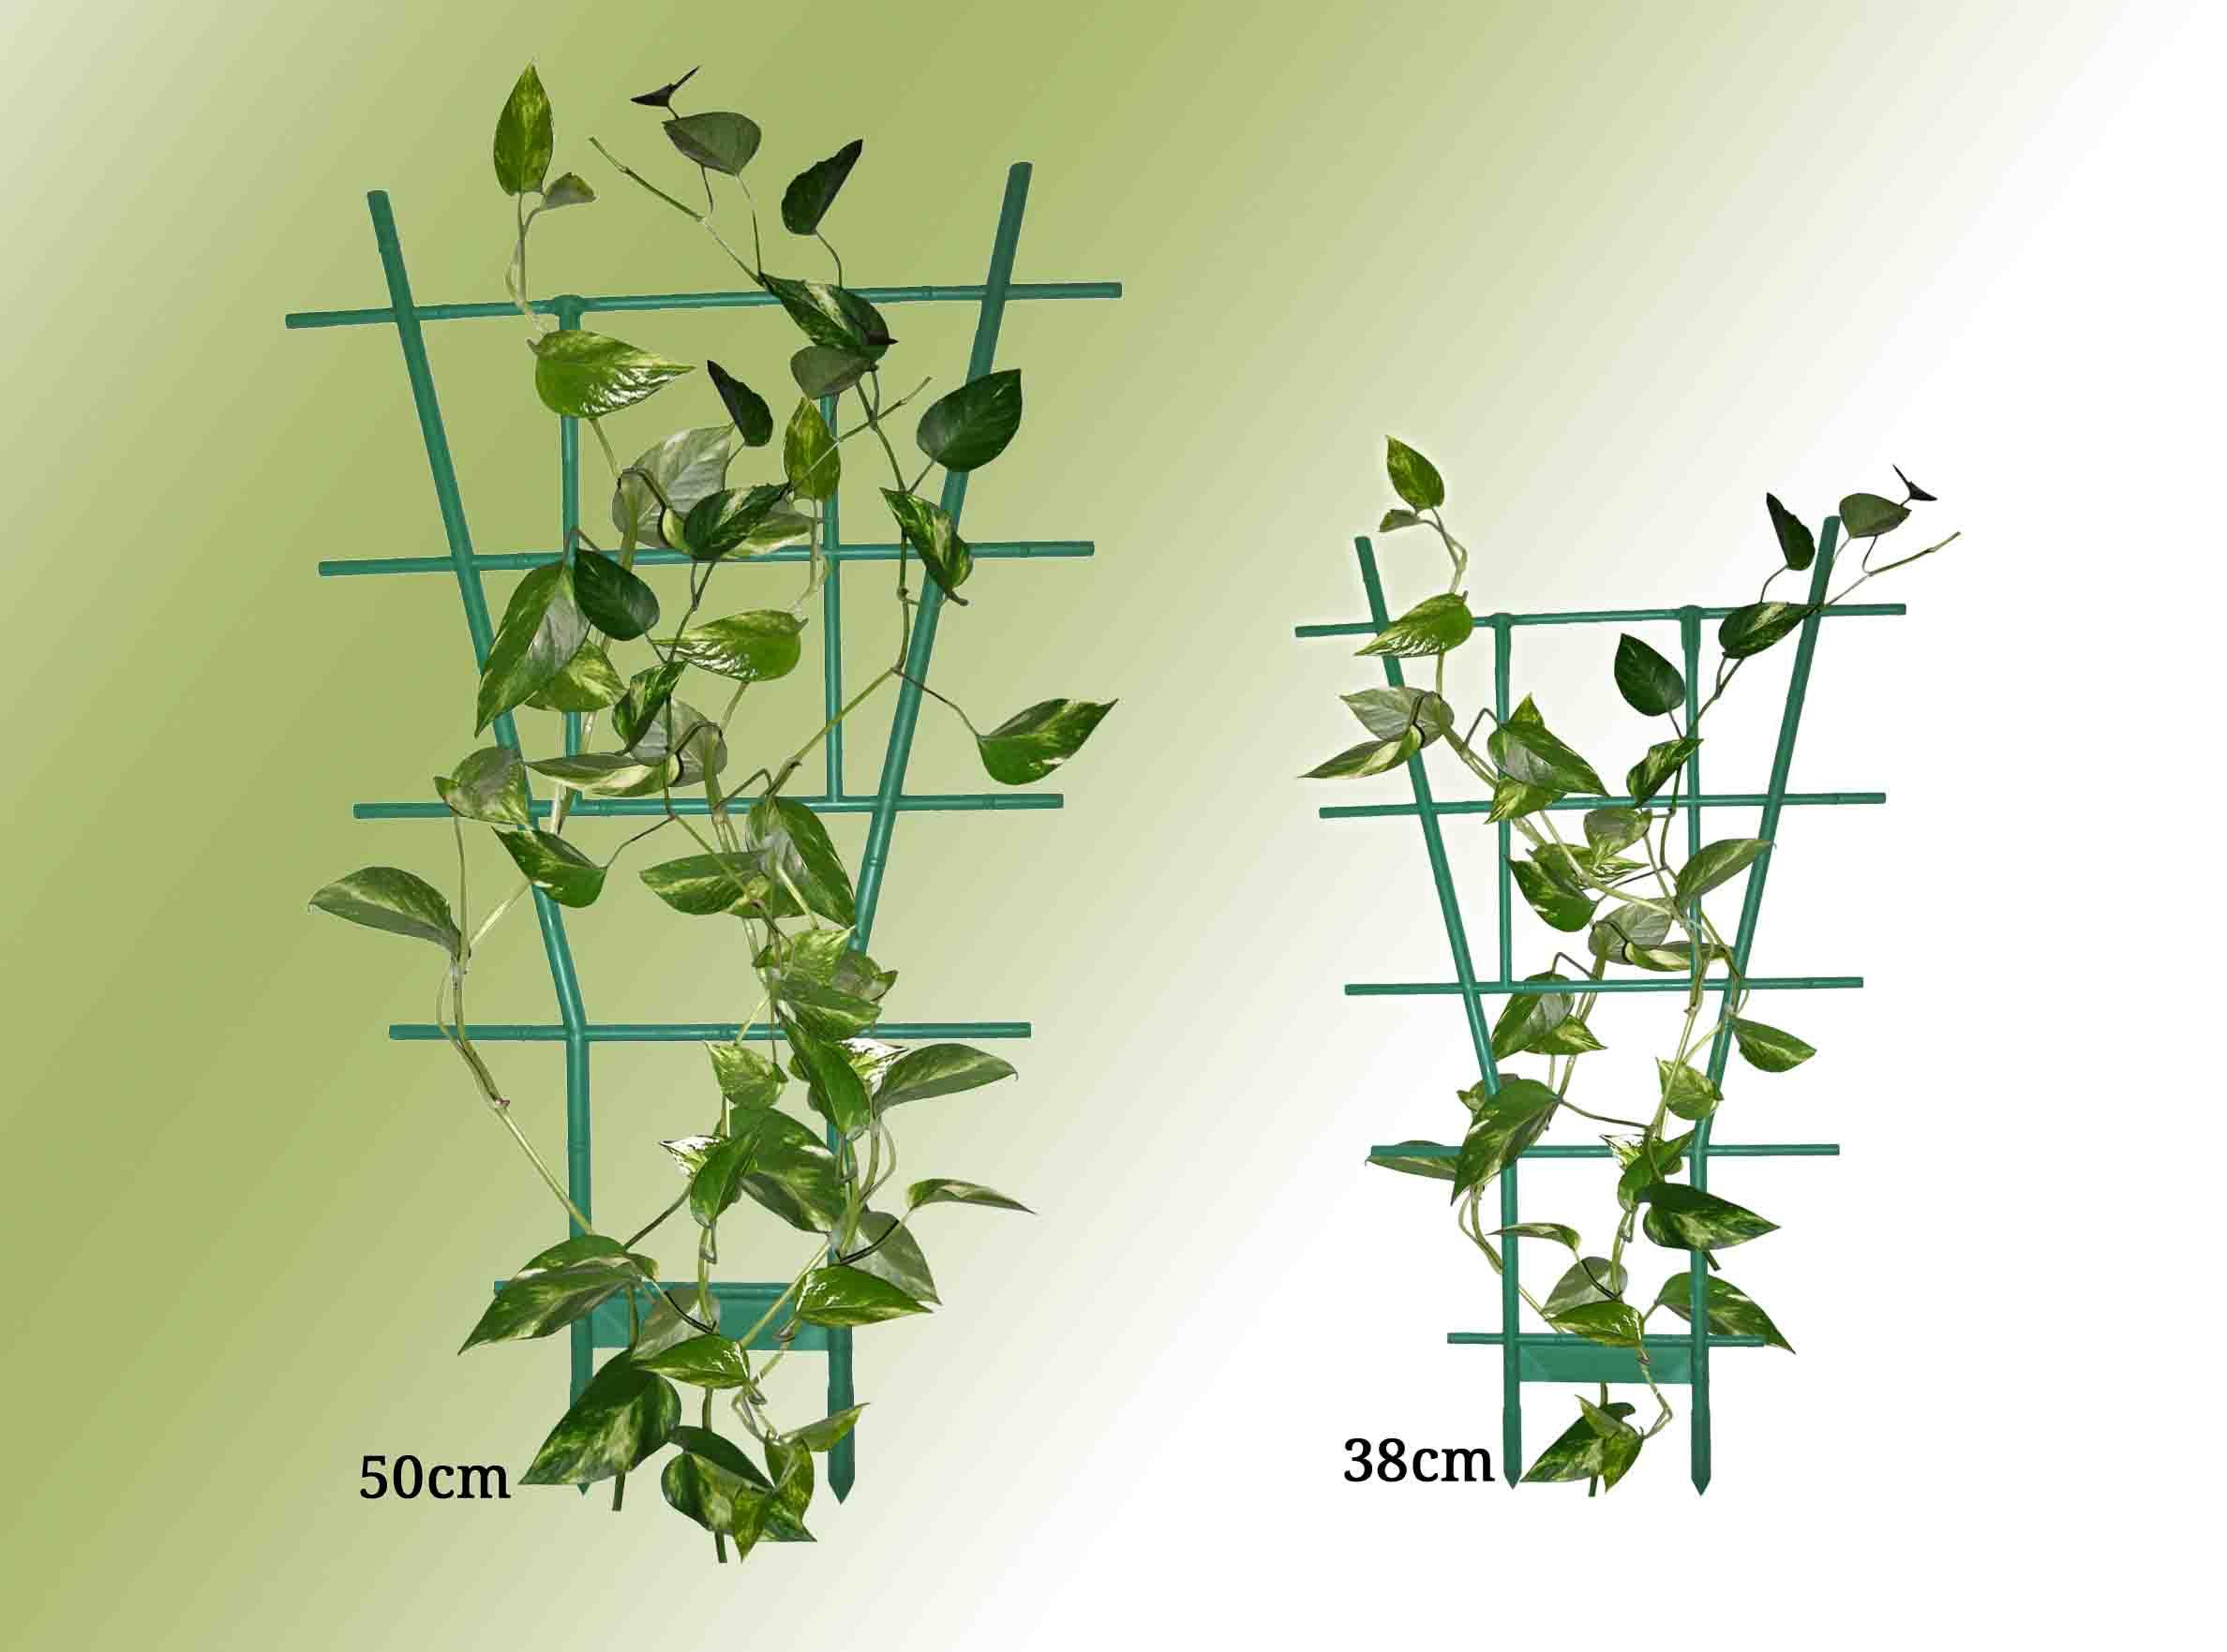 Acheter des plantes semer des plantes vivaces plut t que for Acheter plante